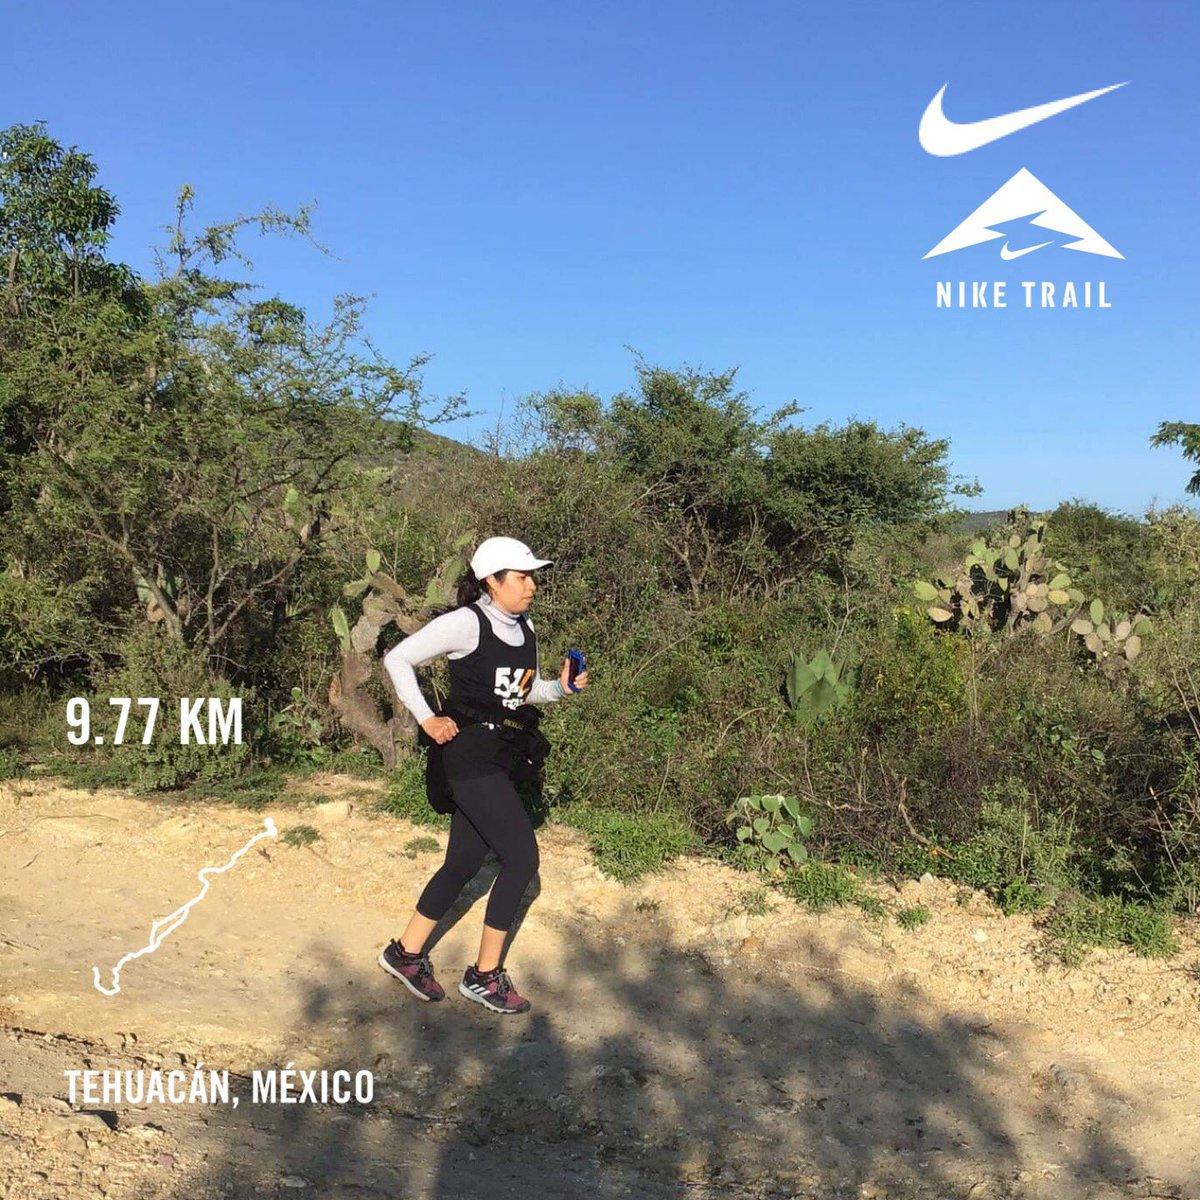 La fuerza y el crecimiento llegan sólo de la mano de la lucha y el esfuerzo continuos.  Napoleón Hill  Ruta ruda 🥵 hoy si le entregaba el alma al creador 🤣 #54DgenQ #TemploRunner #SumandoKMx #EntreRunners #trailrunning #running #trail  #correVIVEsiente #workout #fitness #runner https://t.co/OnDqTGy9Hv